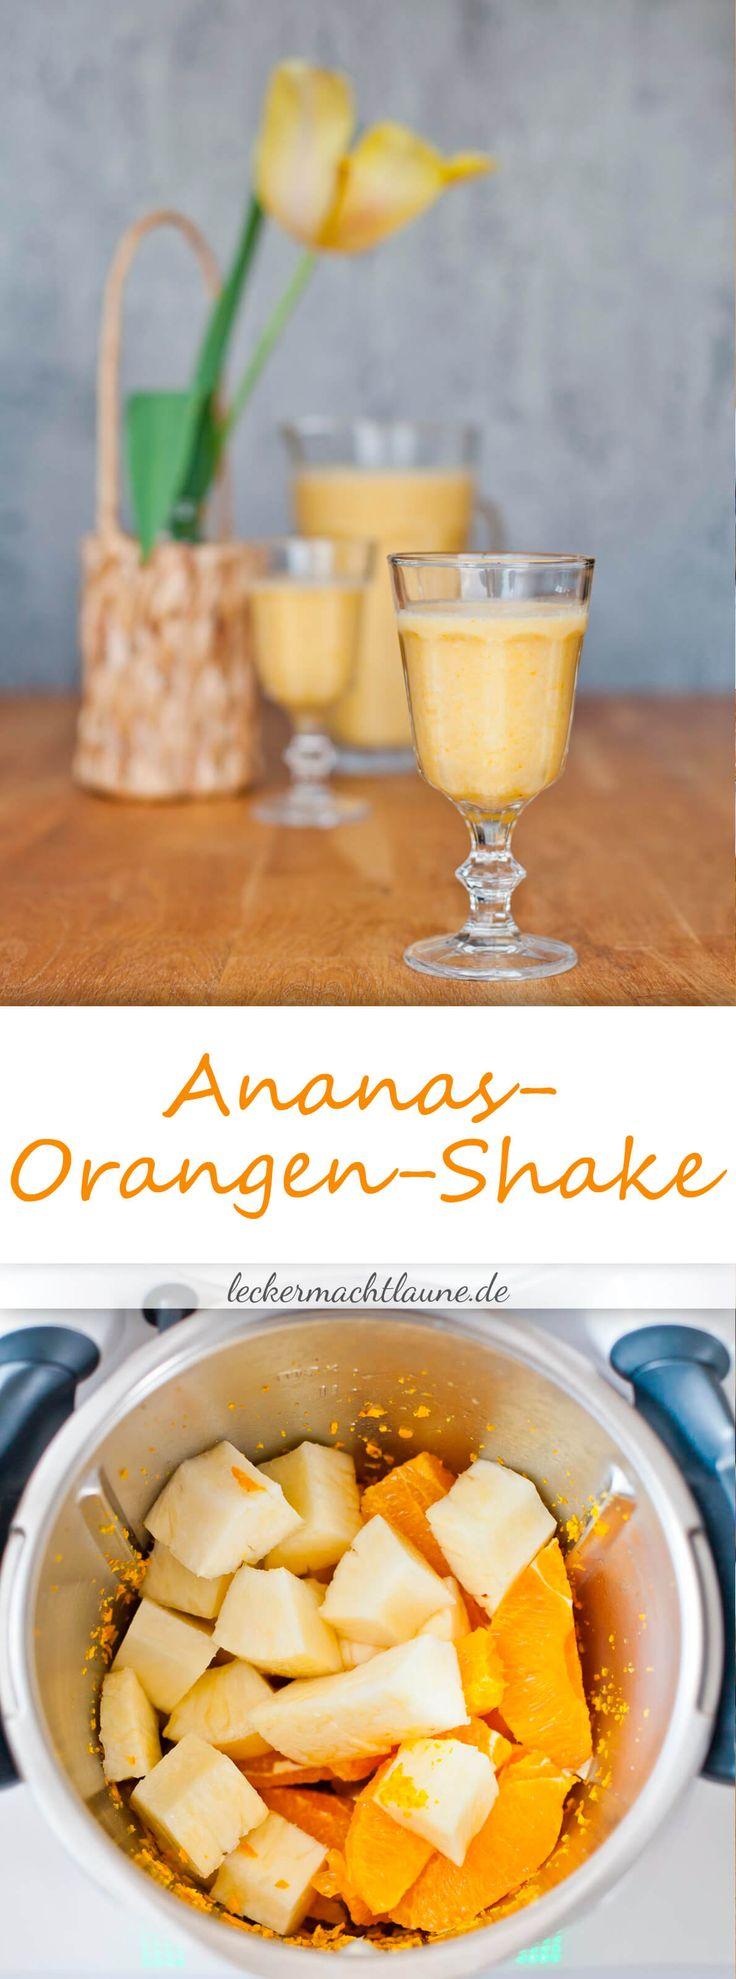 Wunderbar lecker, erfrischend und gerade richtig bei warmem Wetter: Ananas-Orangen-Shake. Einfach herzustellen entweder mit oder ohne Thermomix®.